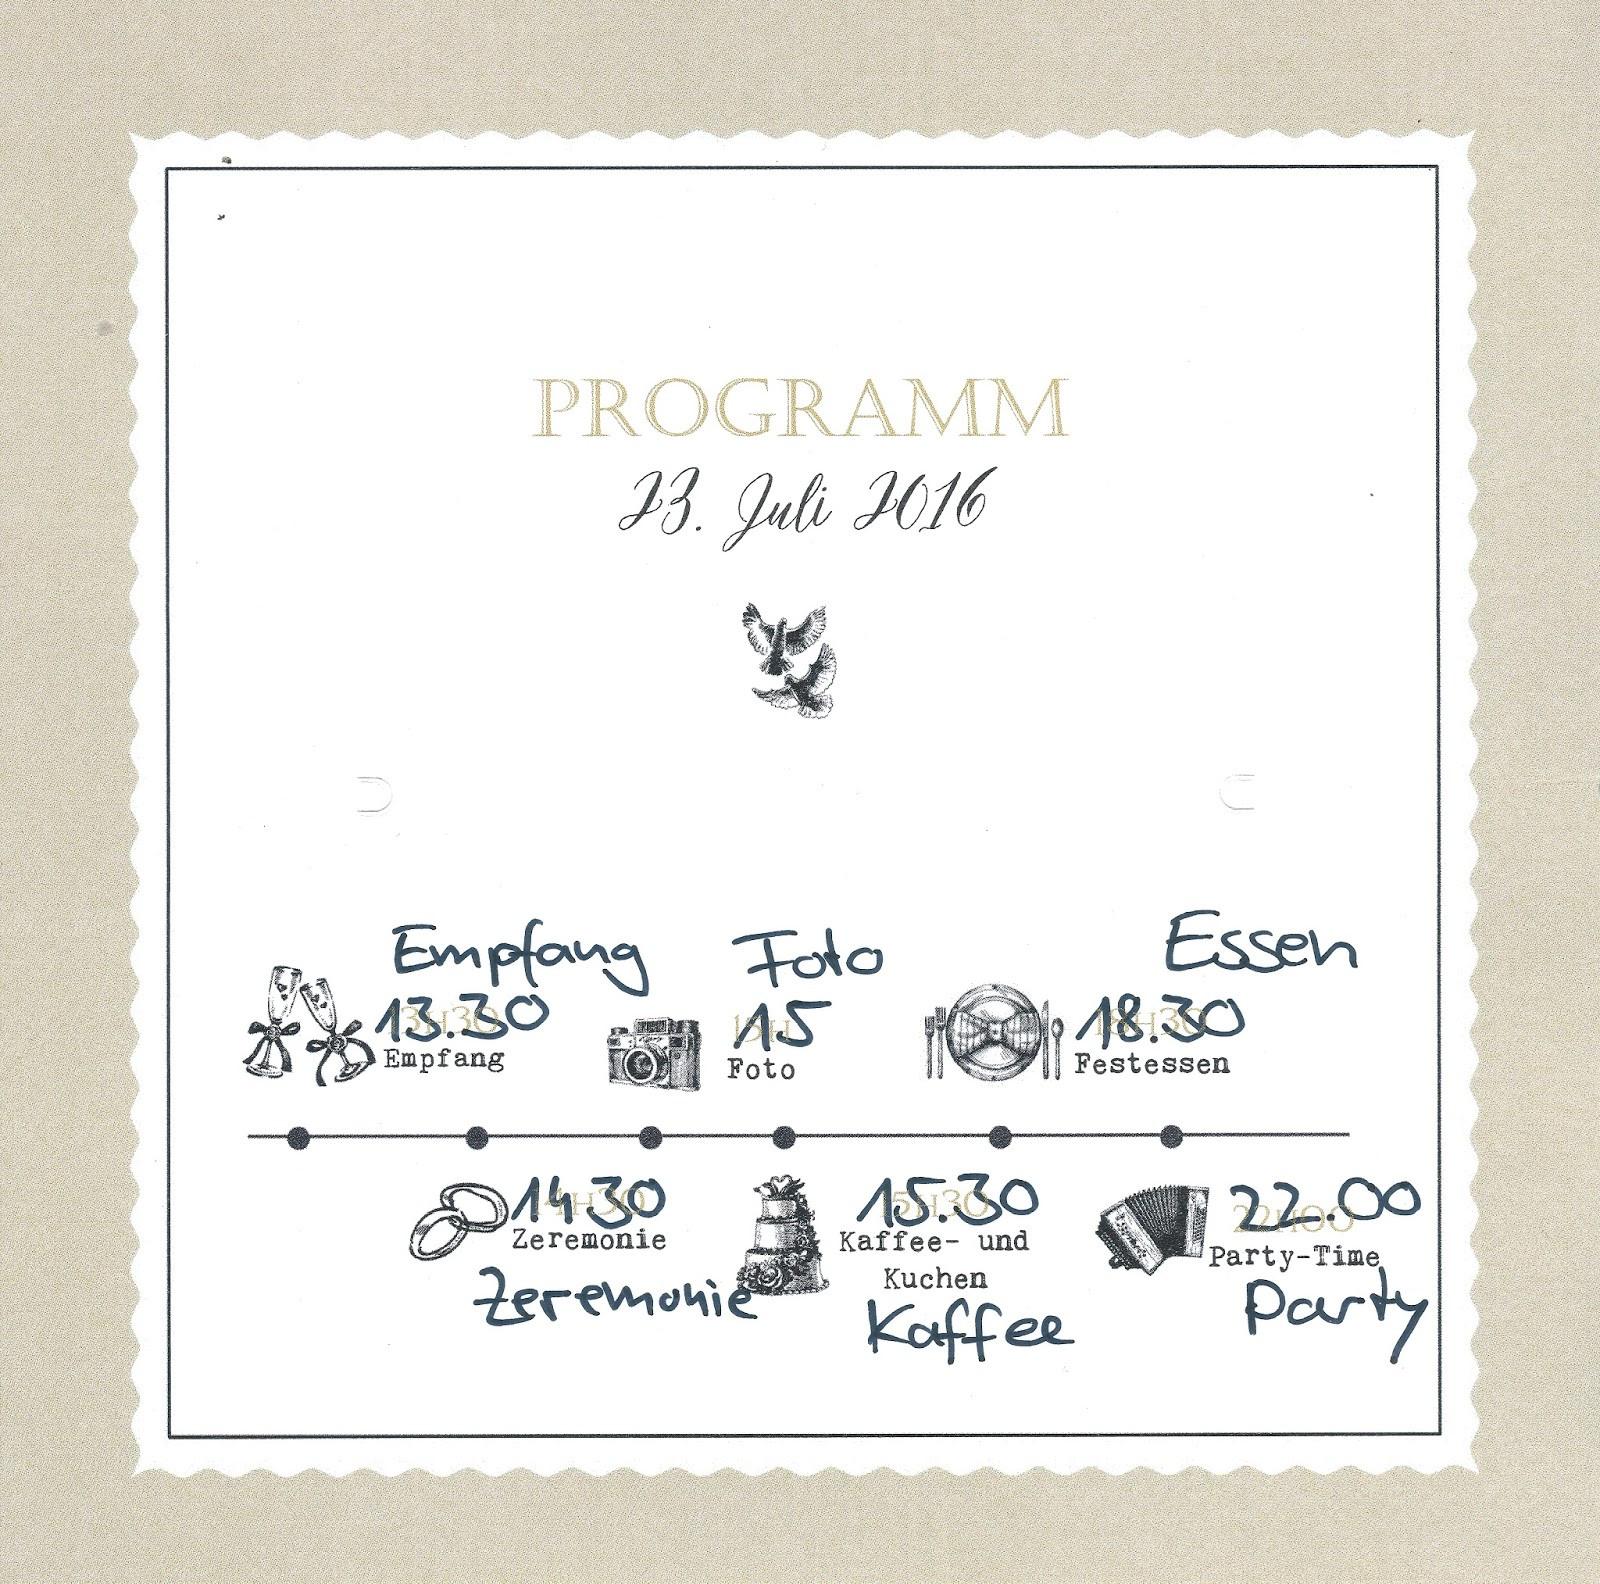 Programm Hochzeit  AnjaTobiHochzeit